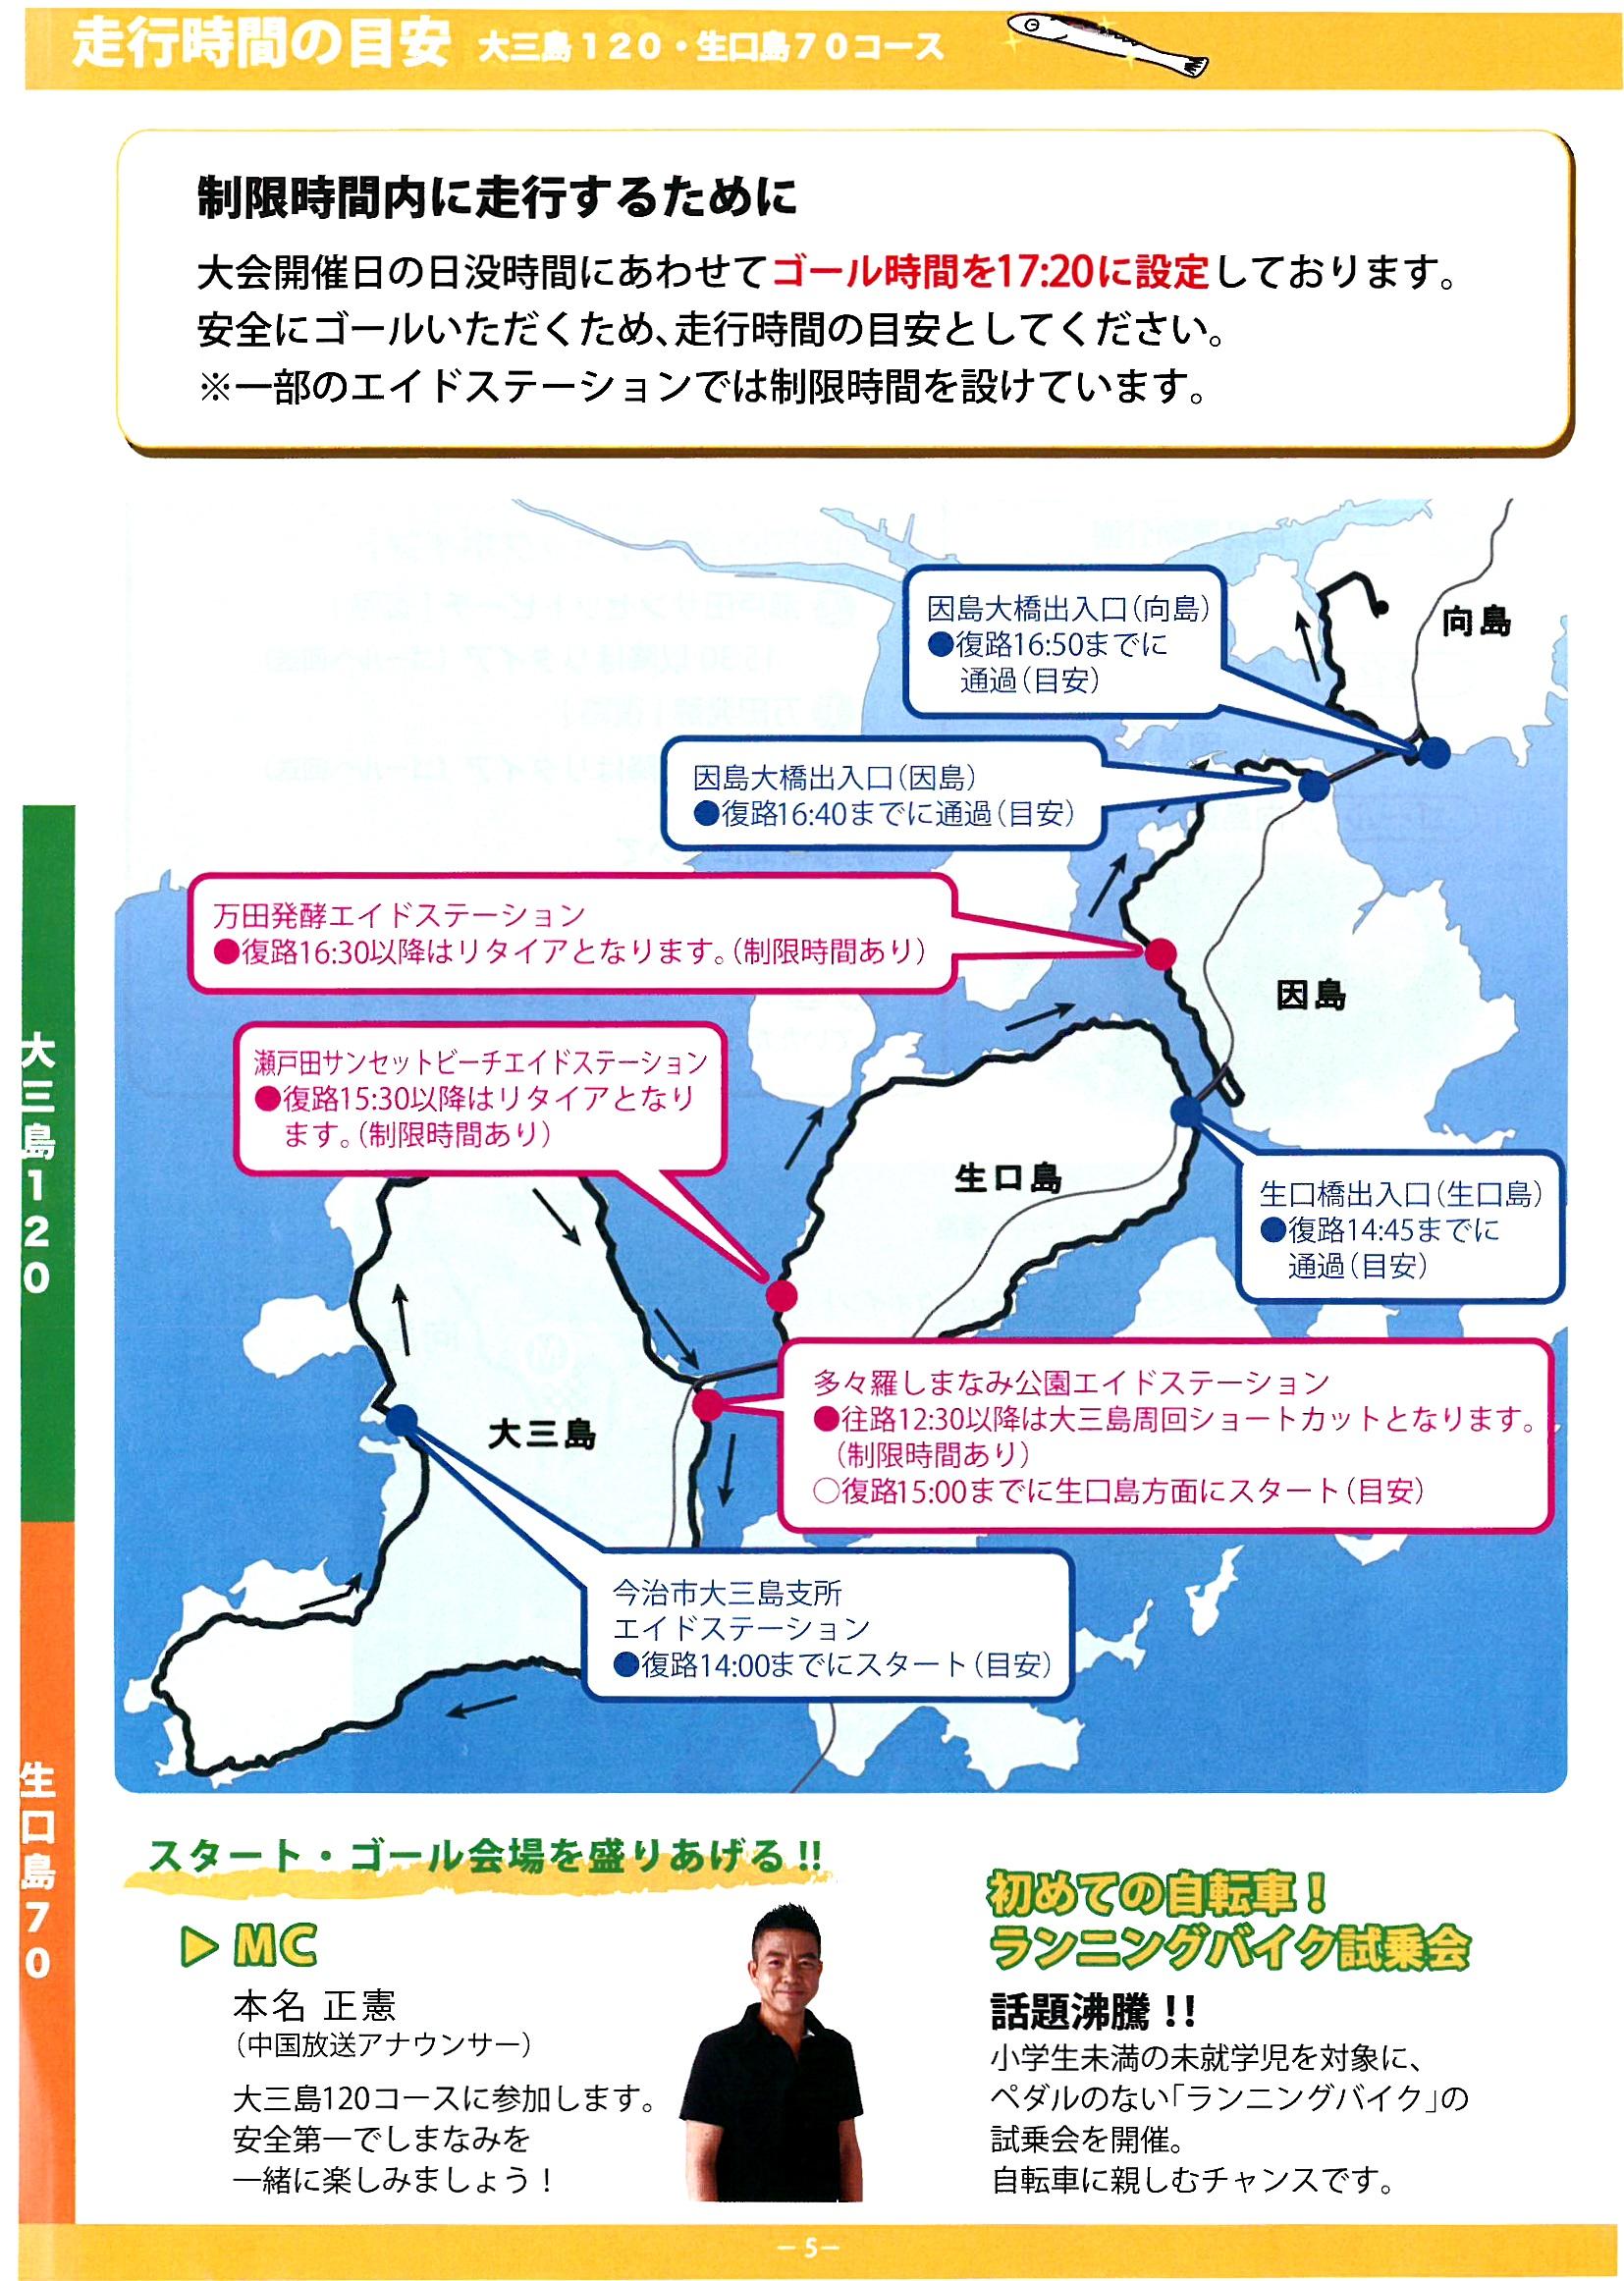 「銀パラ2015」参加者ガイドブック 05